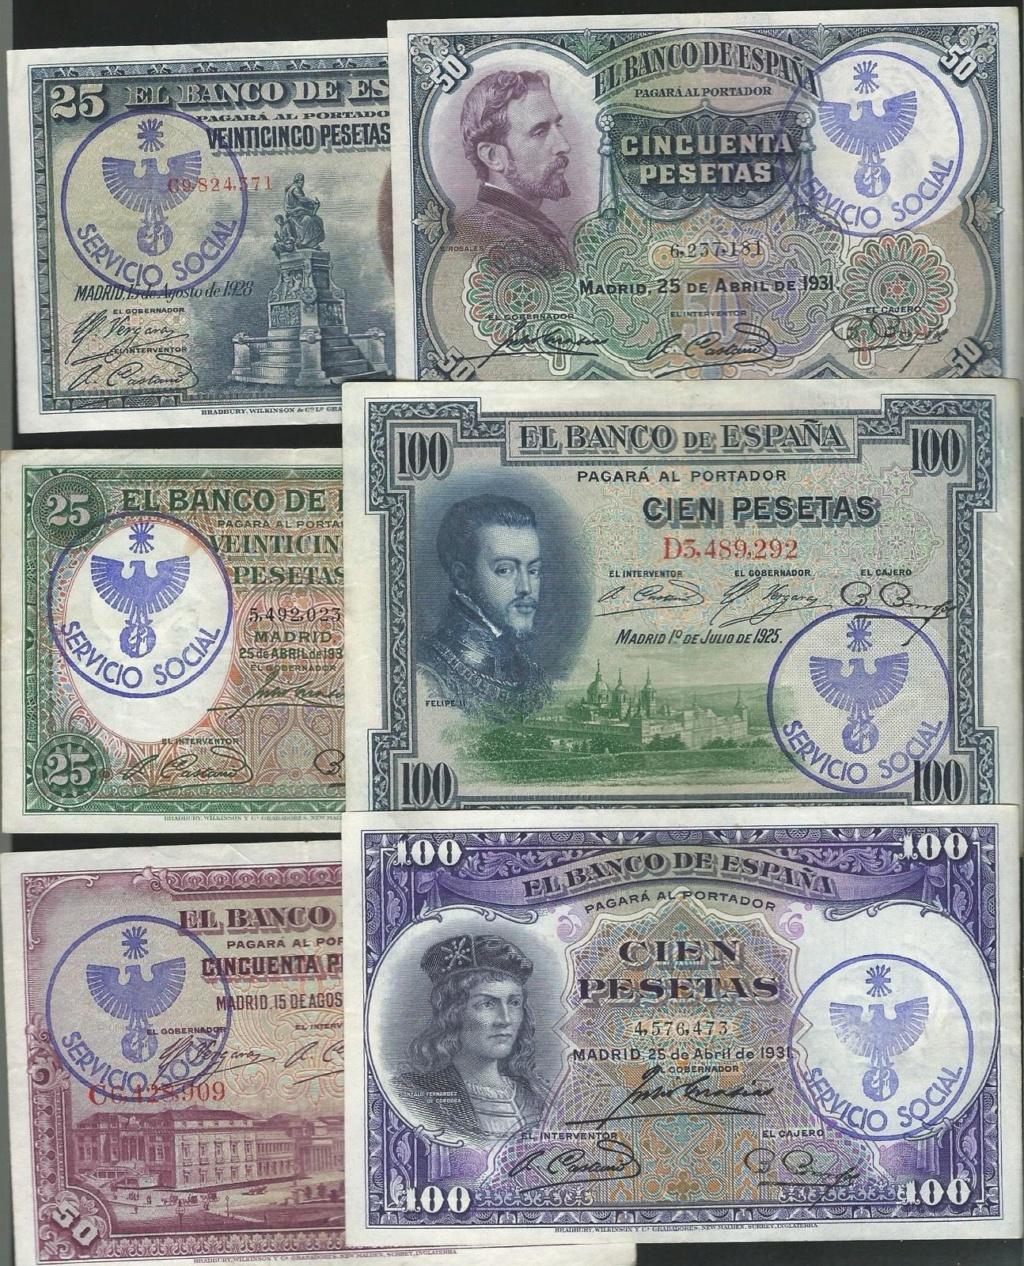 SELLOS FALSOS en billetes, reinventarse o morir Sello_12